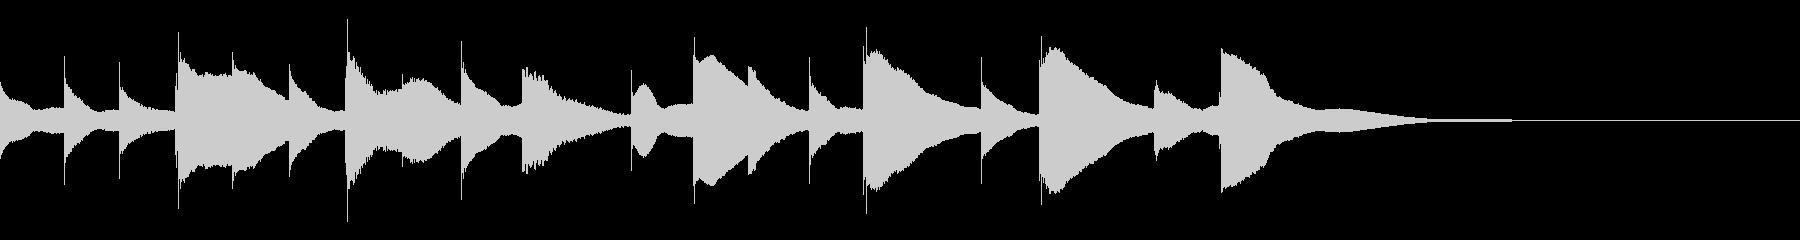 ジングル用オルゴール楽曲03-2の未再生の波形